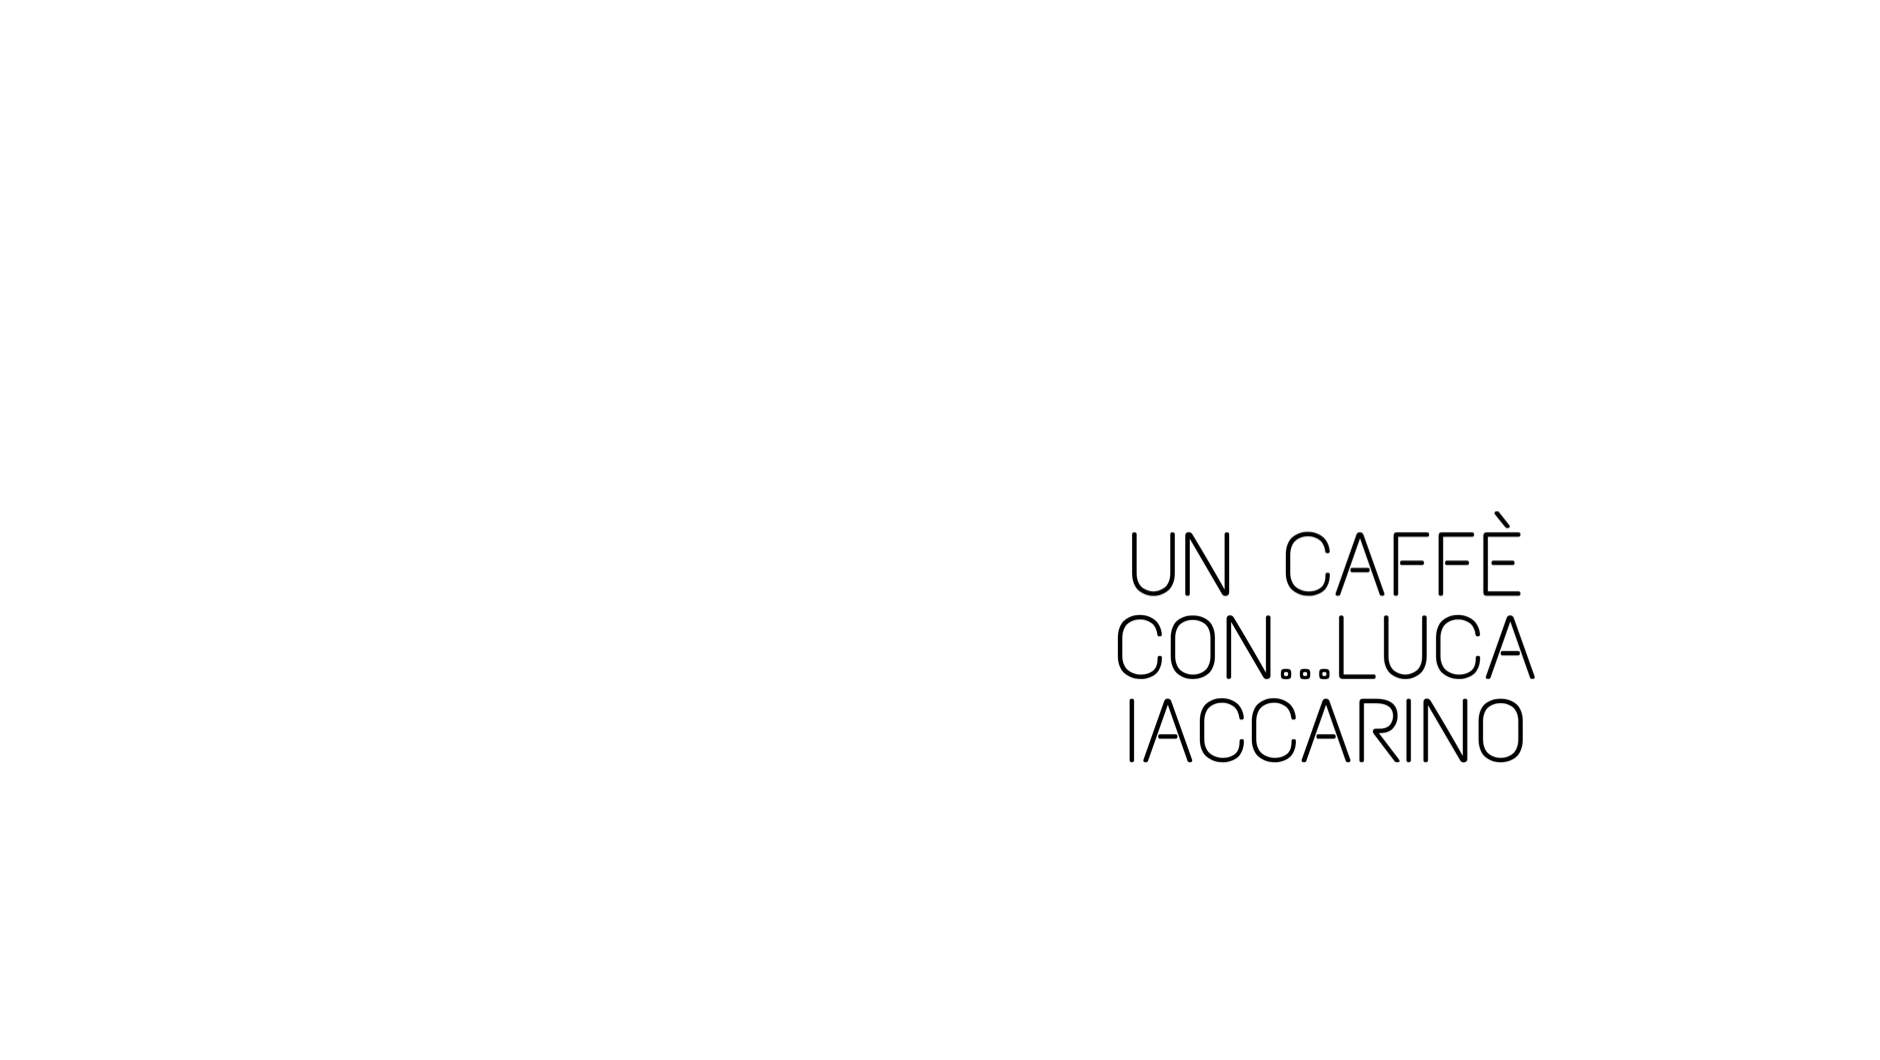 Un caffè con: Carolina Vergnano dialoga con Luca Iaccarino